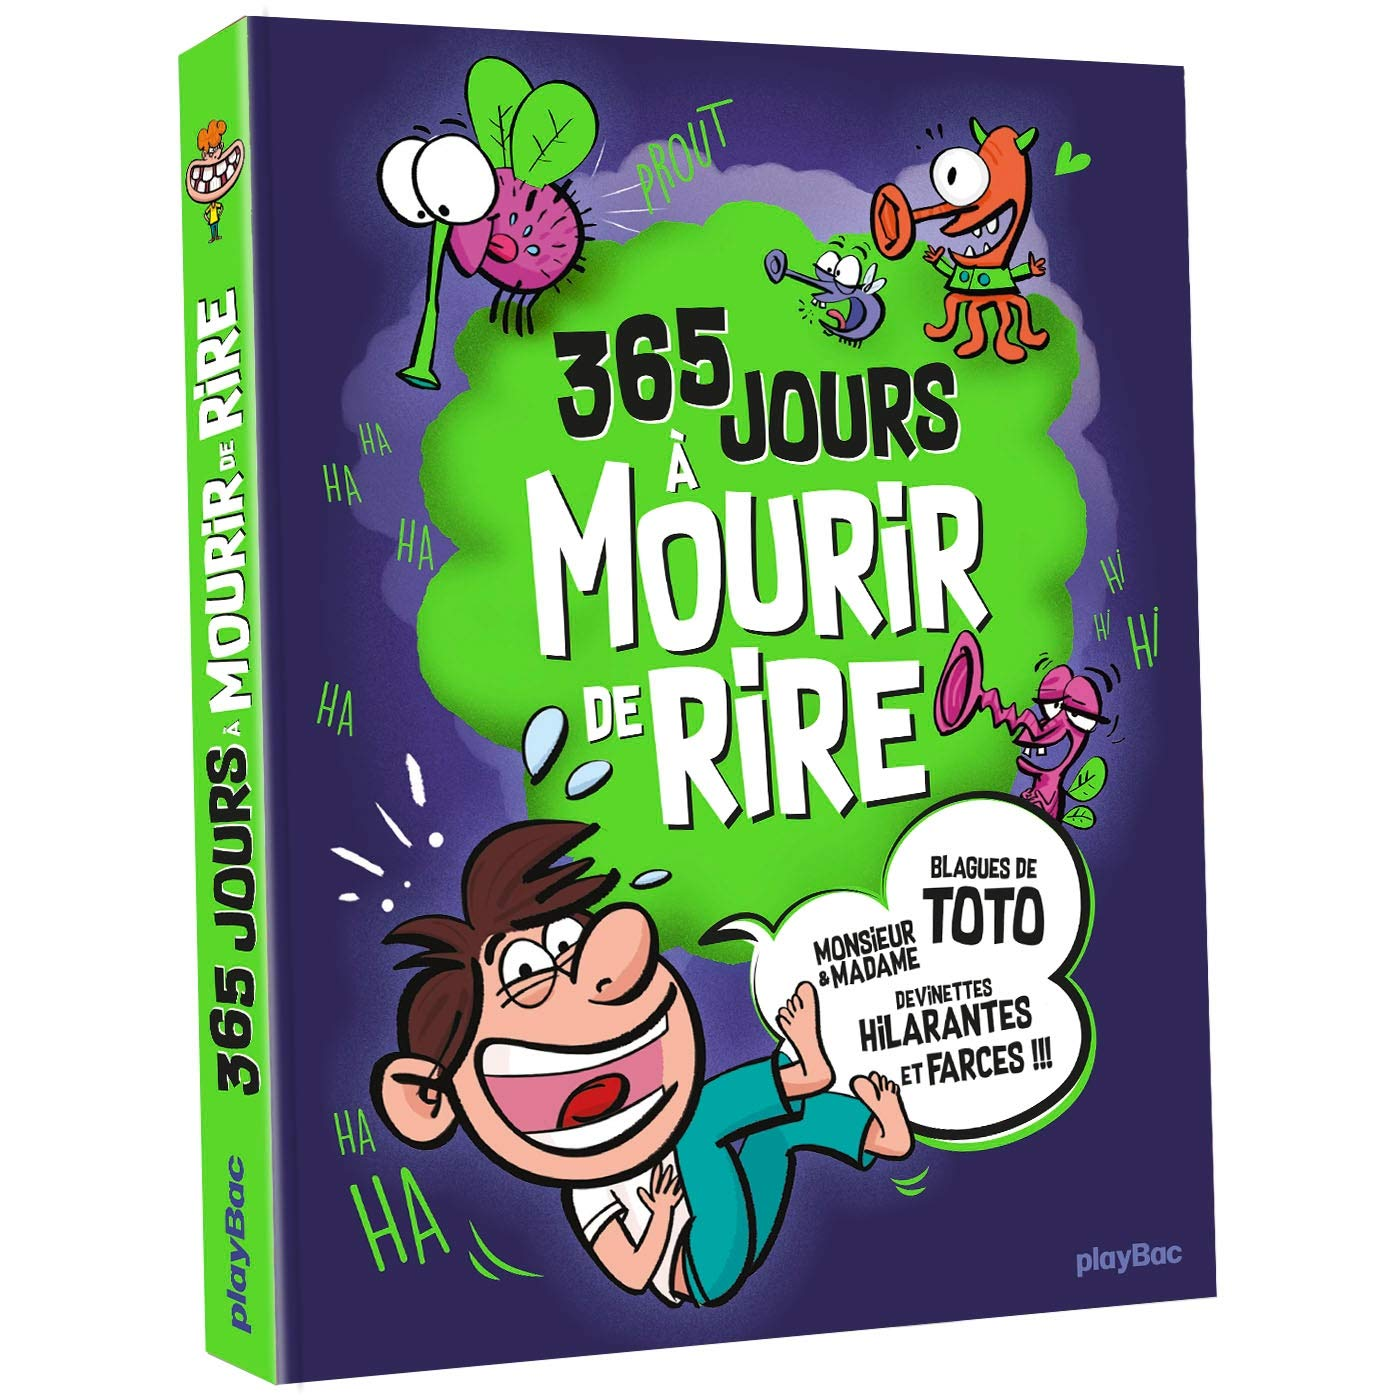 365 jours à mourir de rire: Plus de 2000 blagues pour rigoler toute l'année Broché – 10 octobre 2018 Play Bac 2809664269 JUVENILE NONFICTION / General Calendrier-agendas